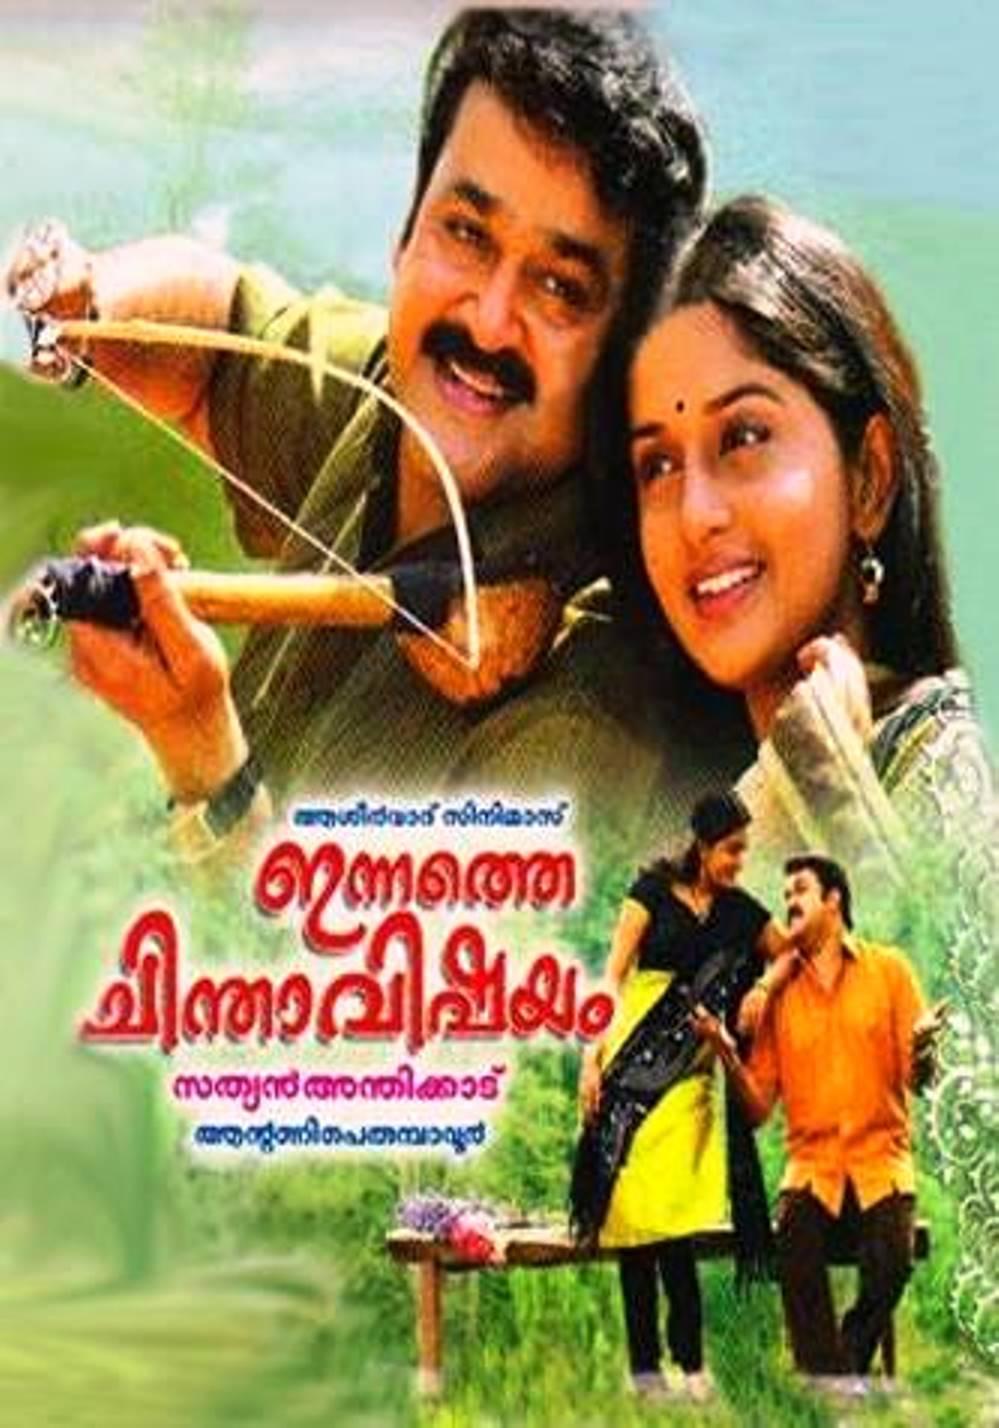 malayalam movies 2008 online watch